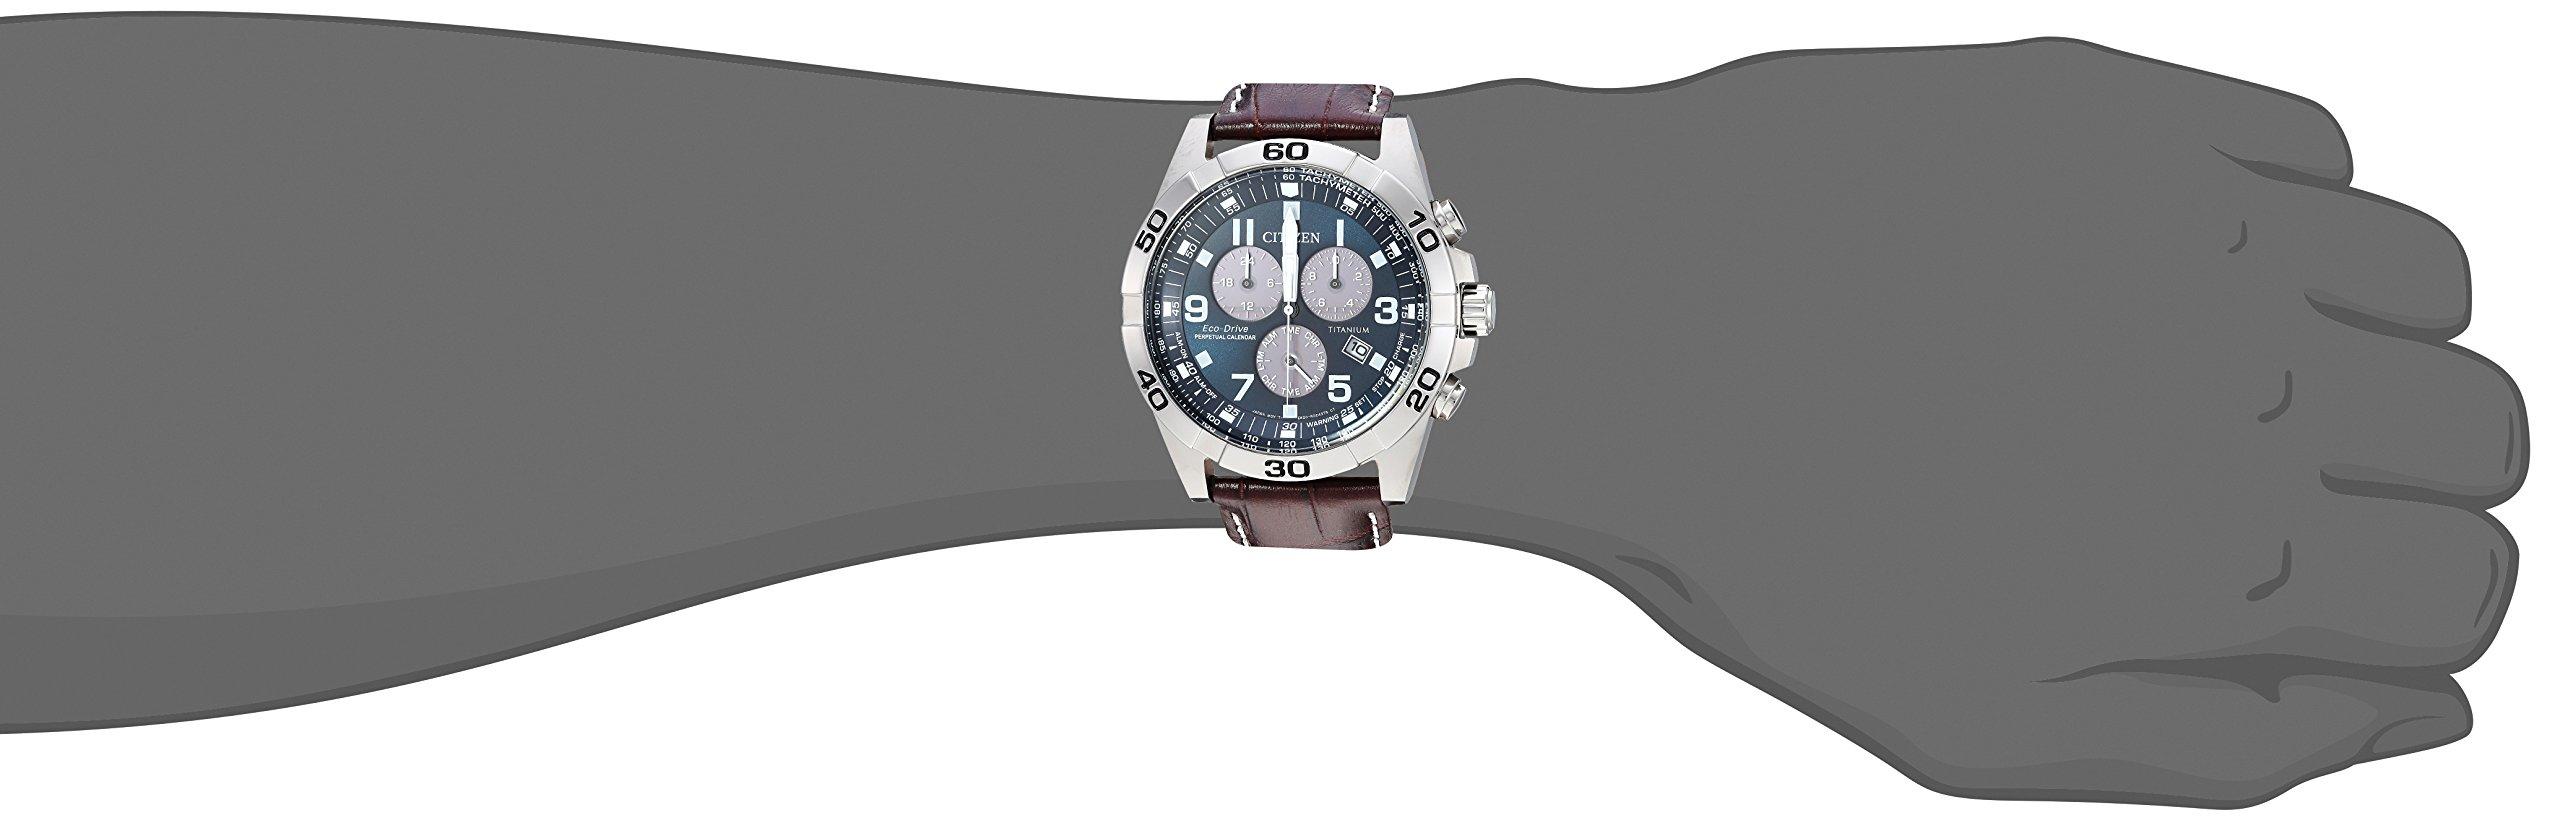 Citizen Men's Eco-Drive Titanium Quartz Brown Leather Calfskin Strap Casual Watch (Model: BL5551-06L) by Citizen (Image #2)